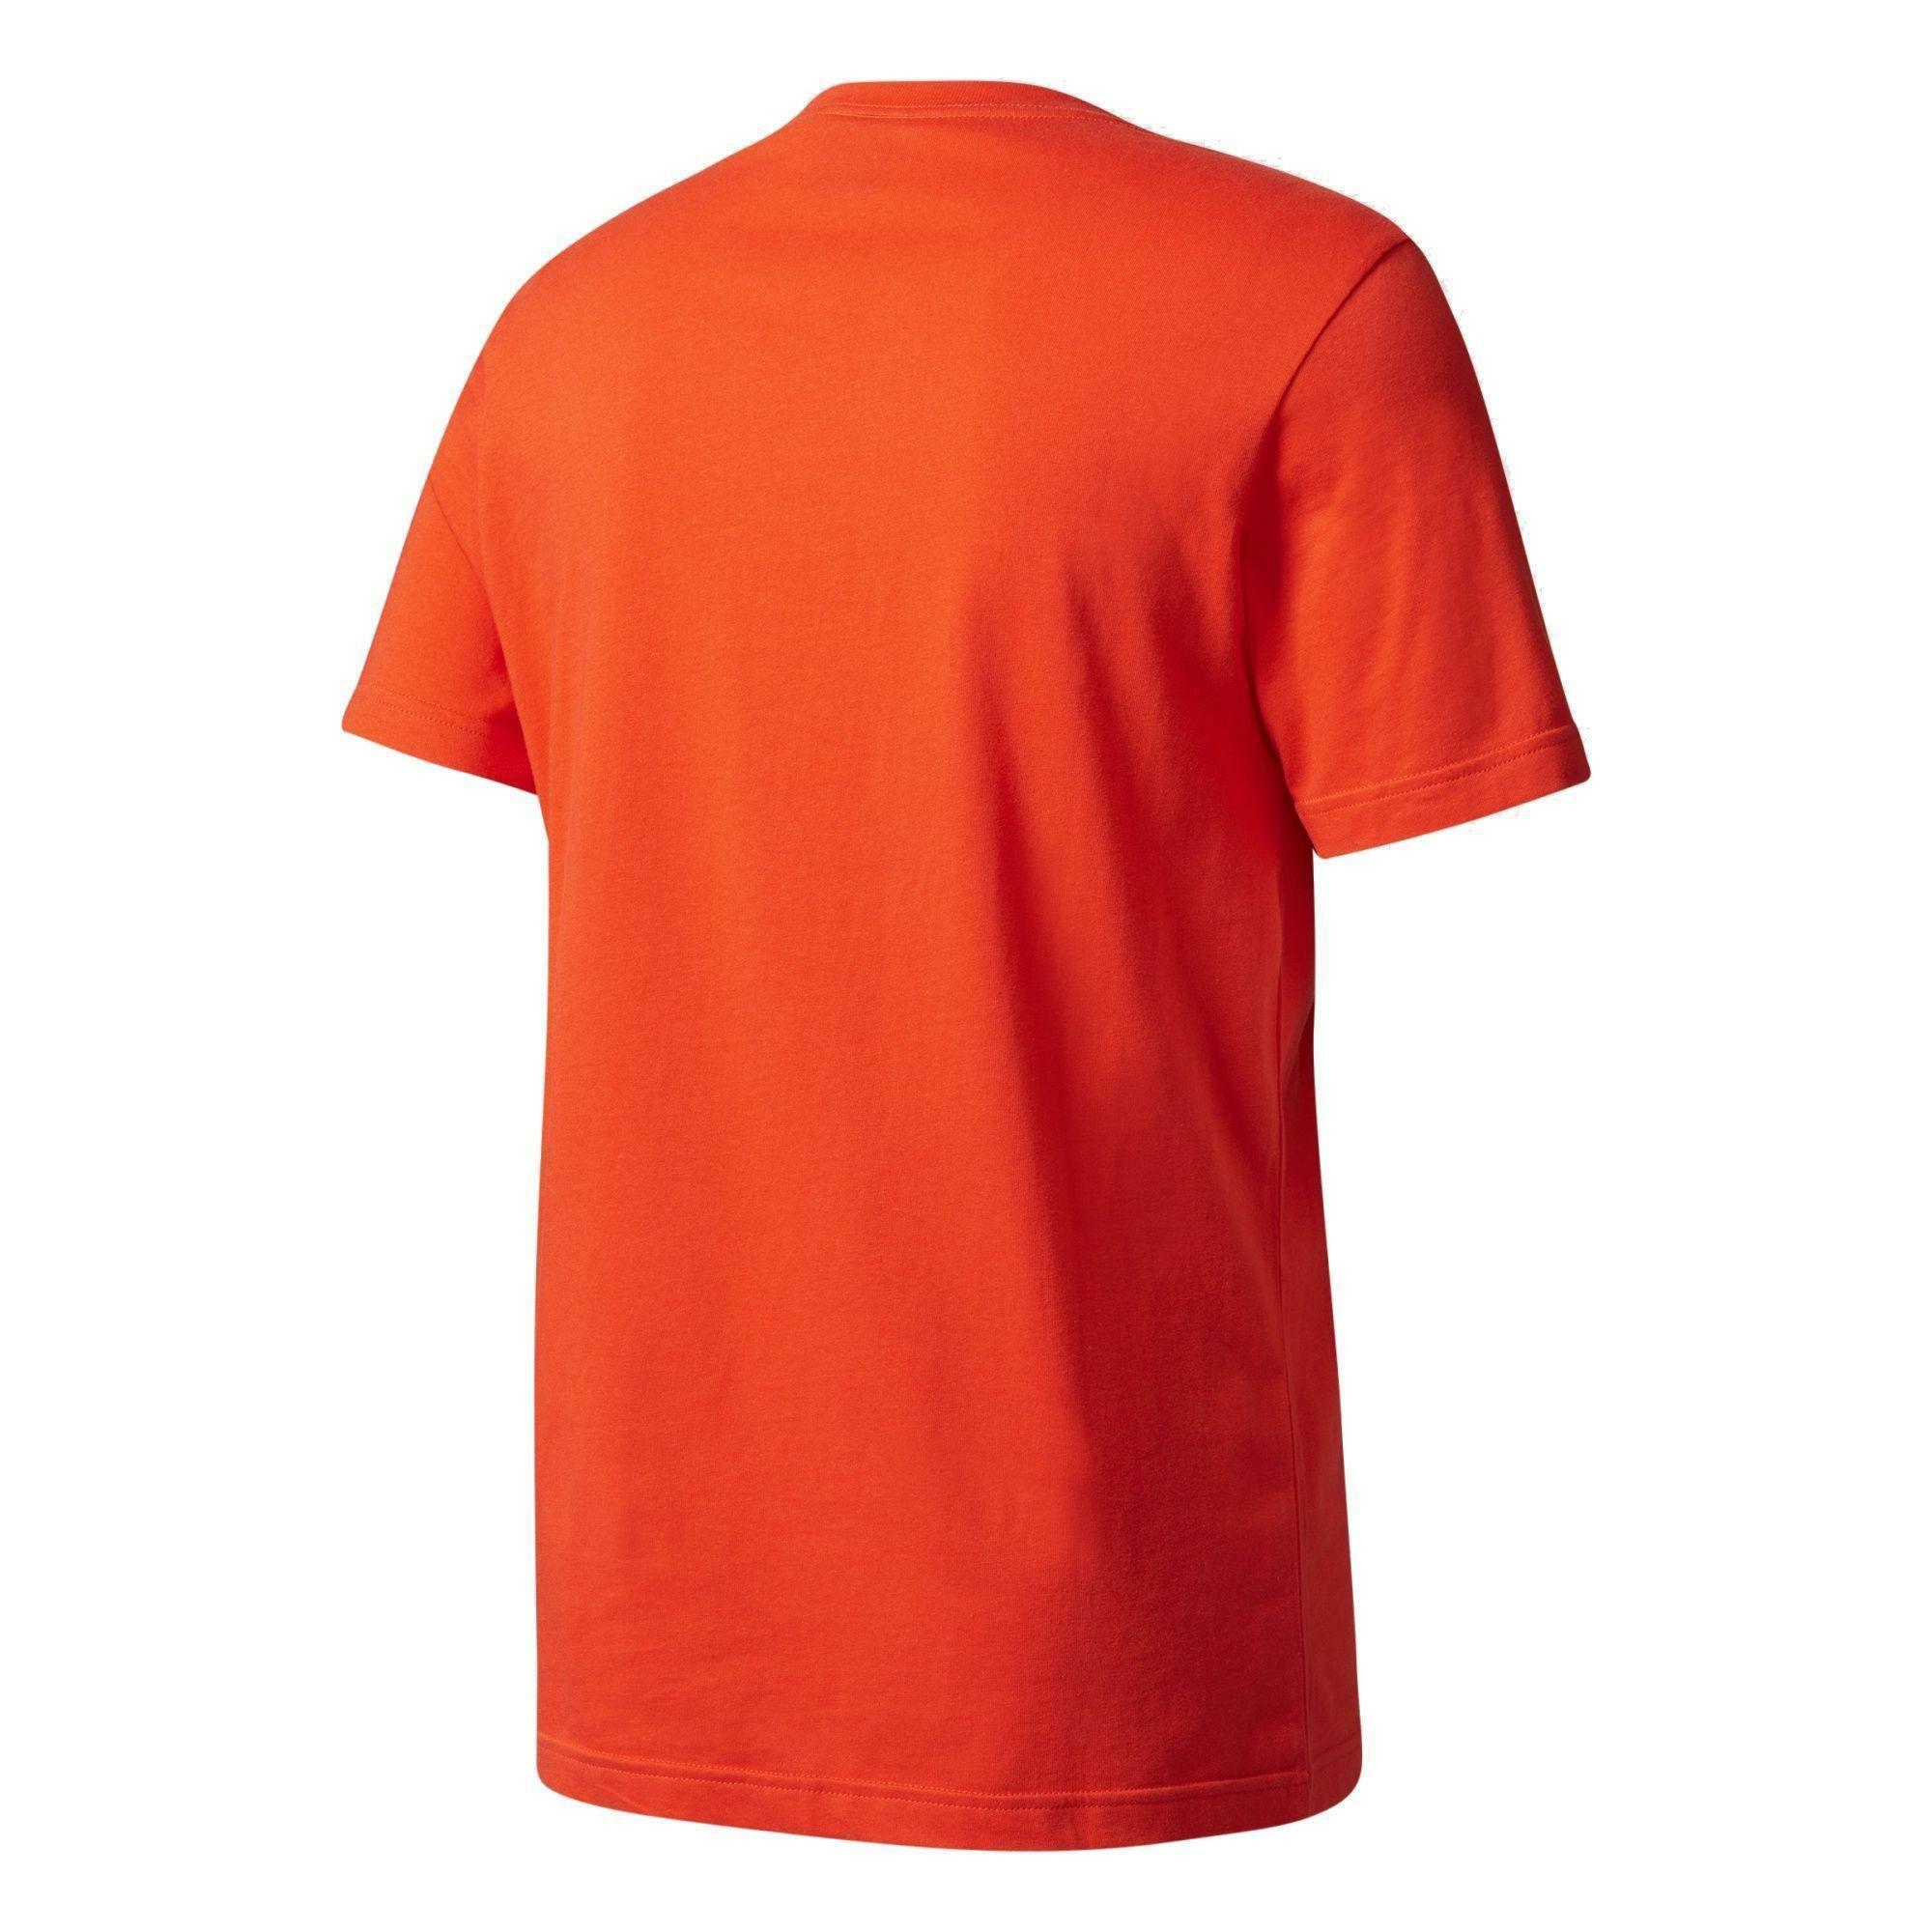 adidas adidas originals trefoil t-shirt uomo rossa bk7167